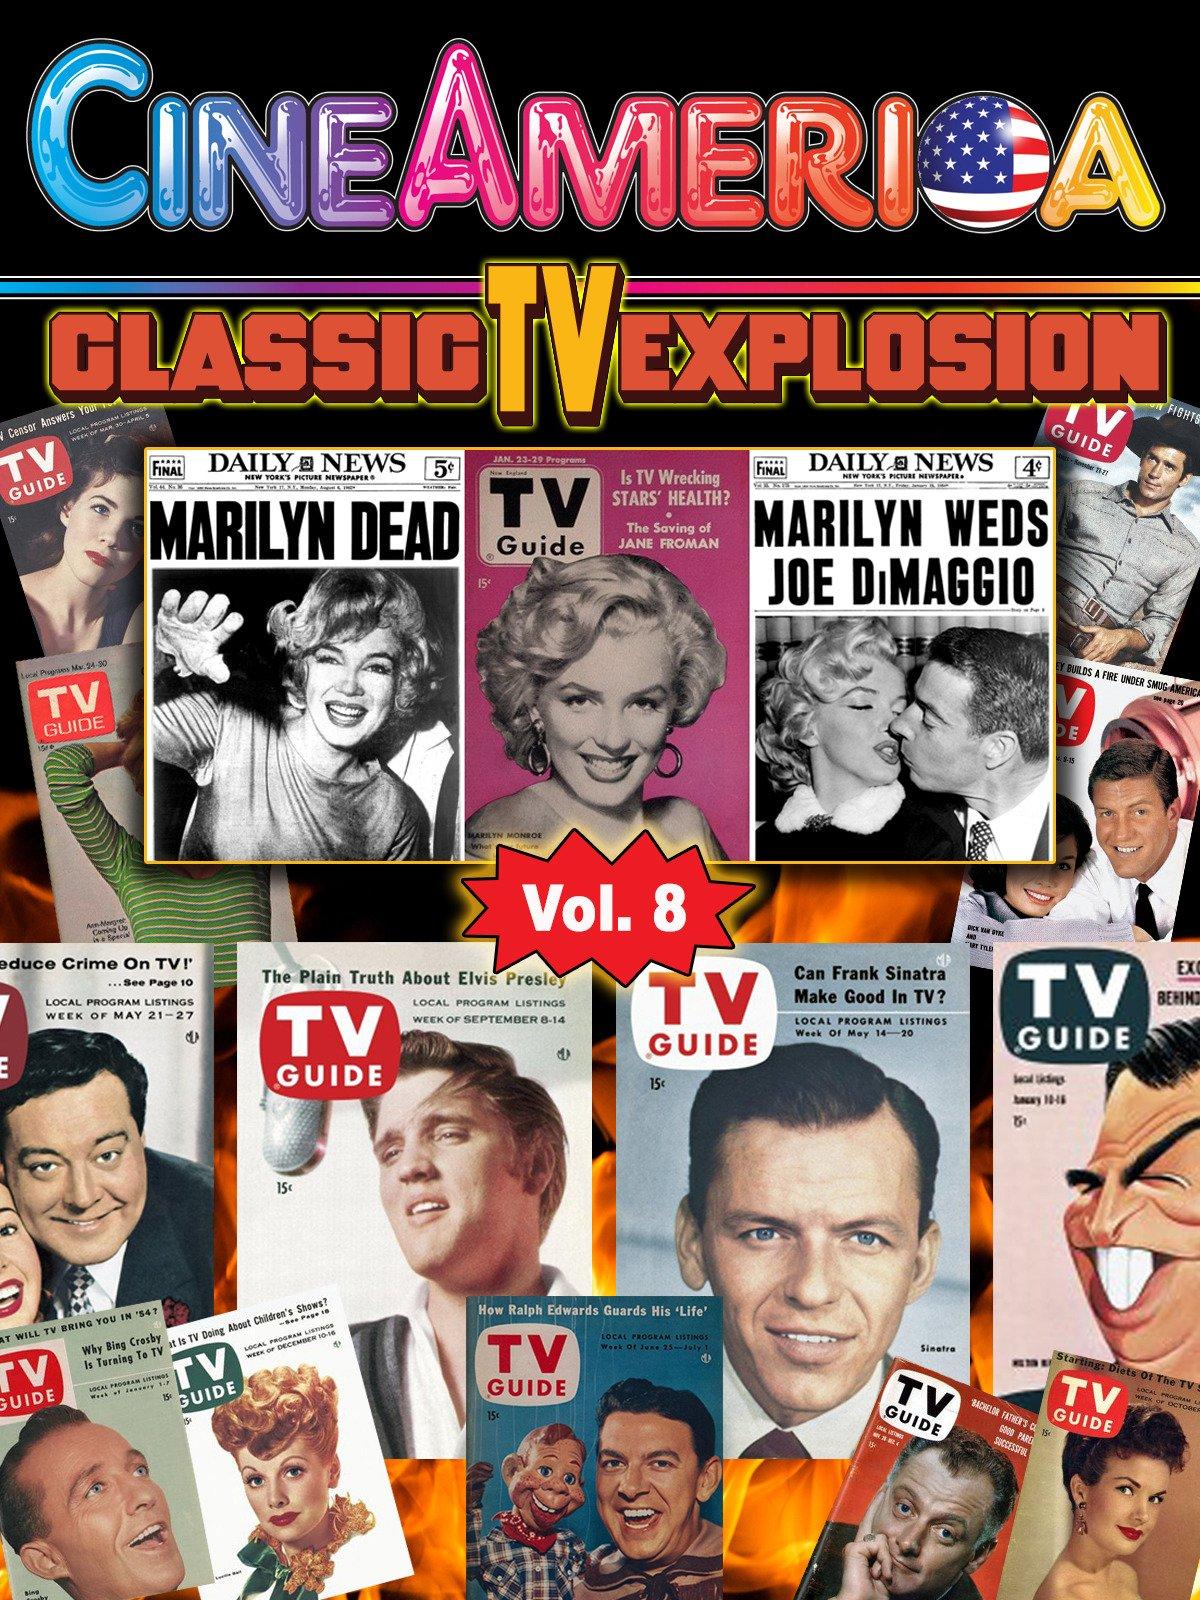 Classic TV Explosion Vol.8